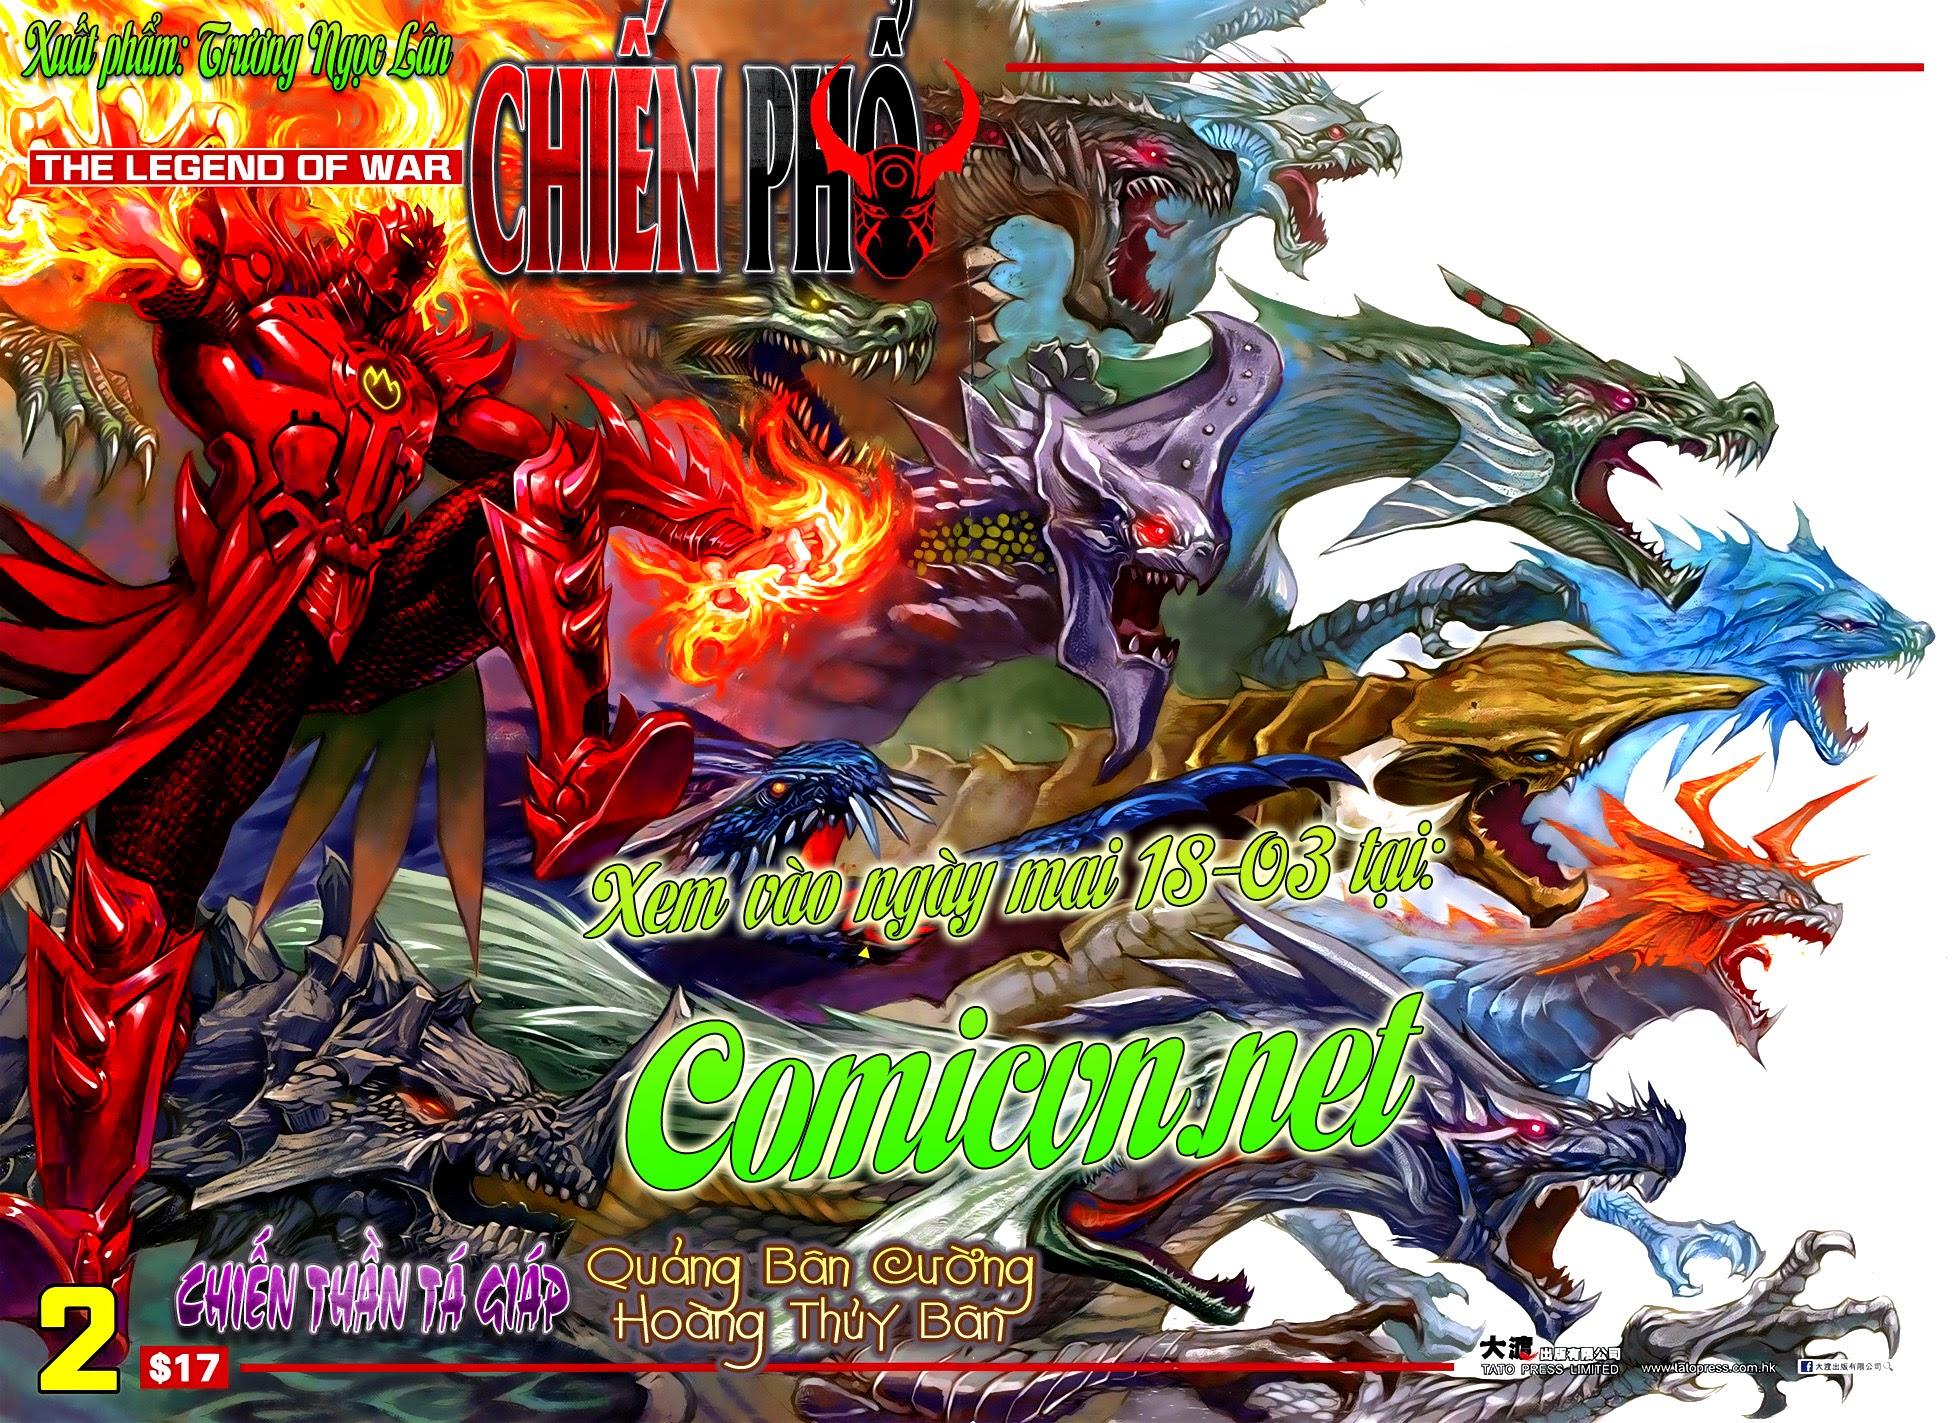 Chiến Phổ chapter 1: chiến thần lan lăng vương trang 36